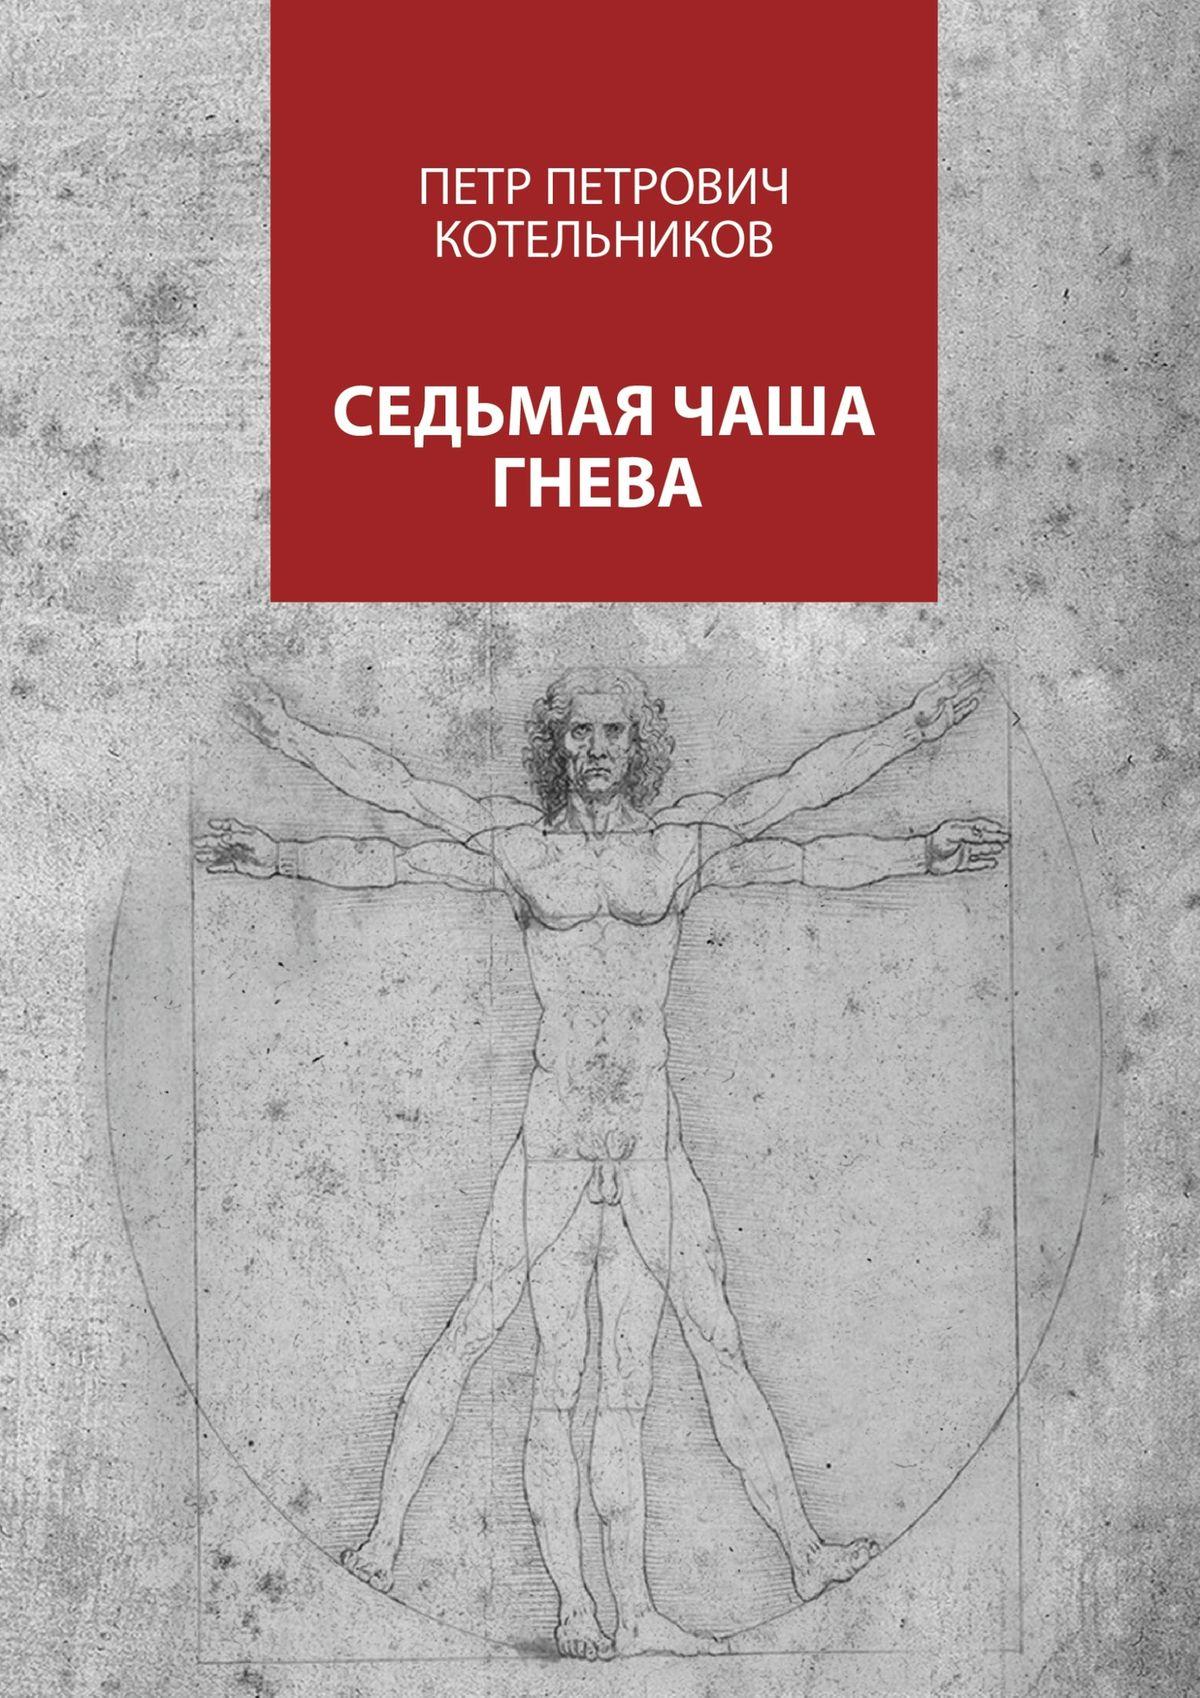 Фото - Петр Петрович Котельников Седьмая чаша гнева и и жерневская чаша пятого ангела